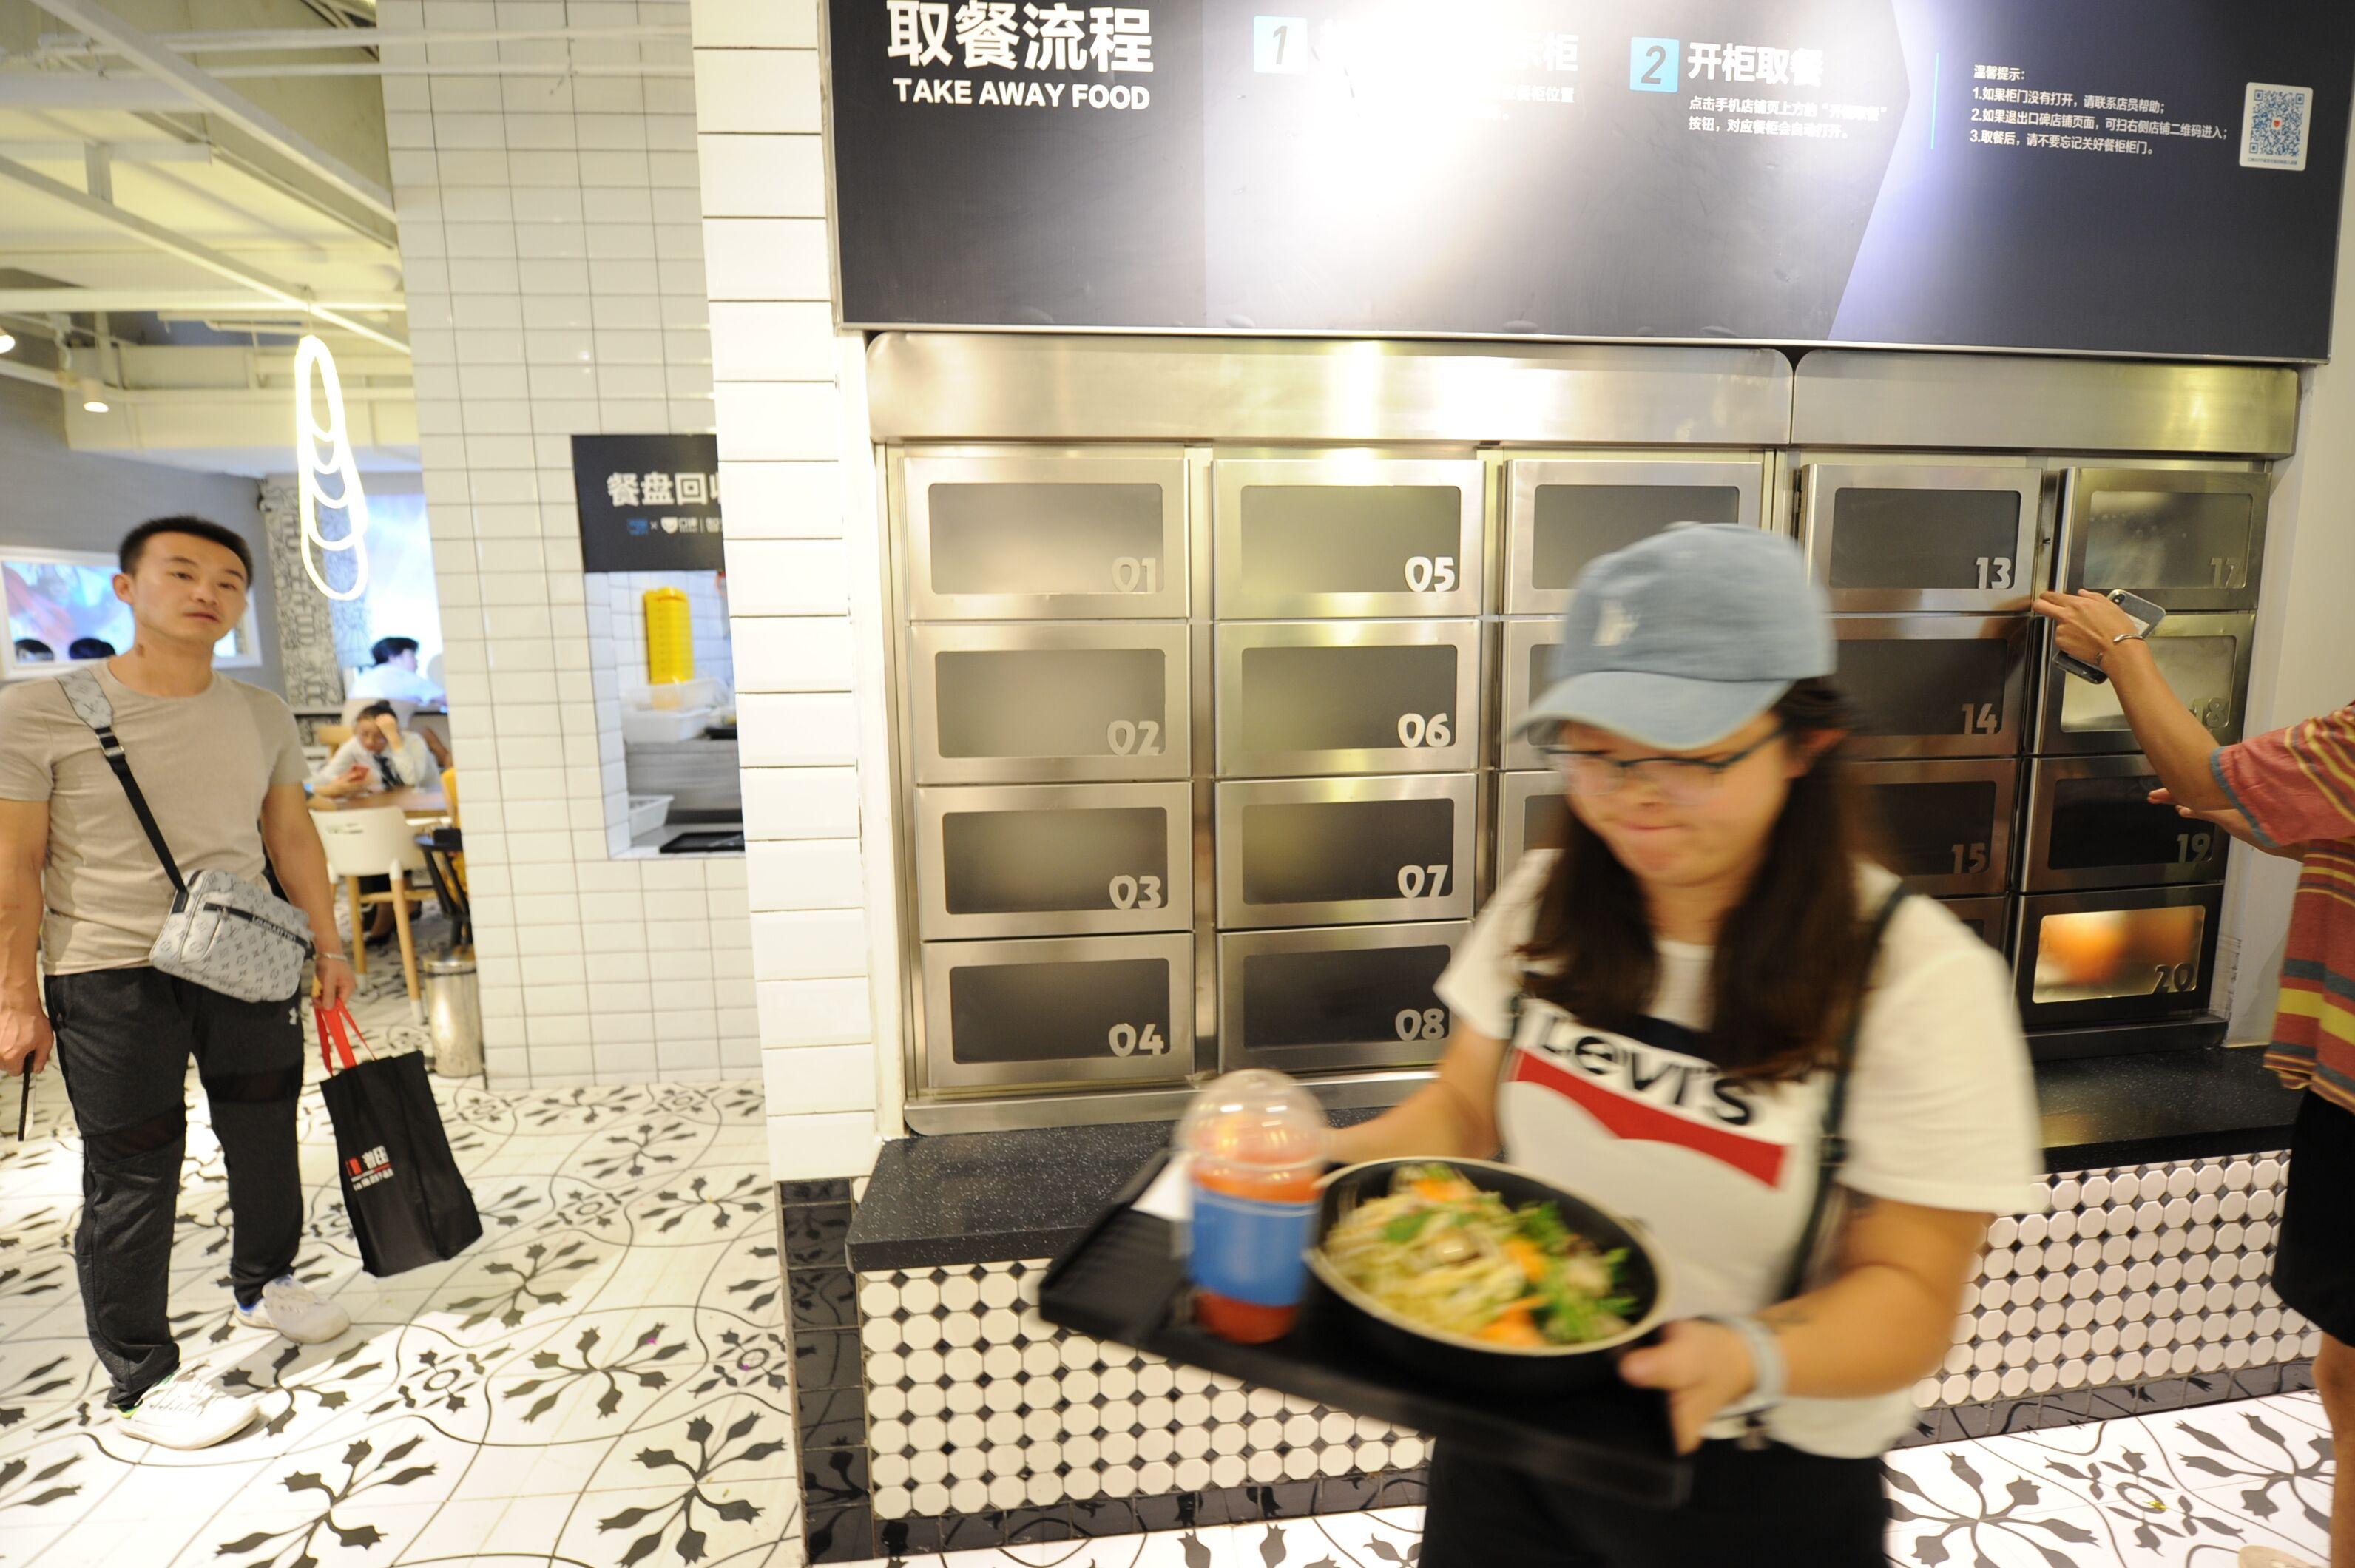 就餐新模式 云南首家智慧餐厅来啦!